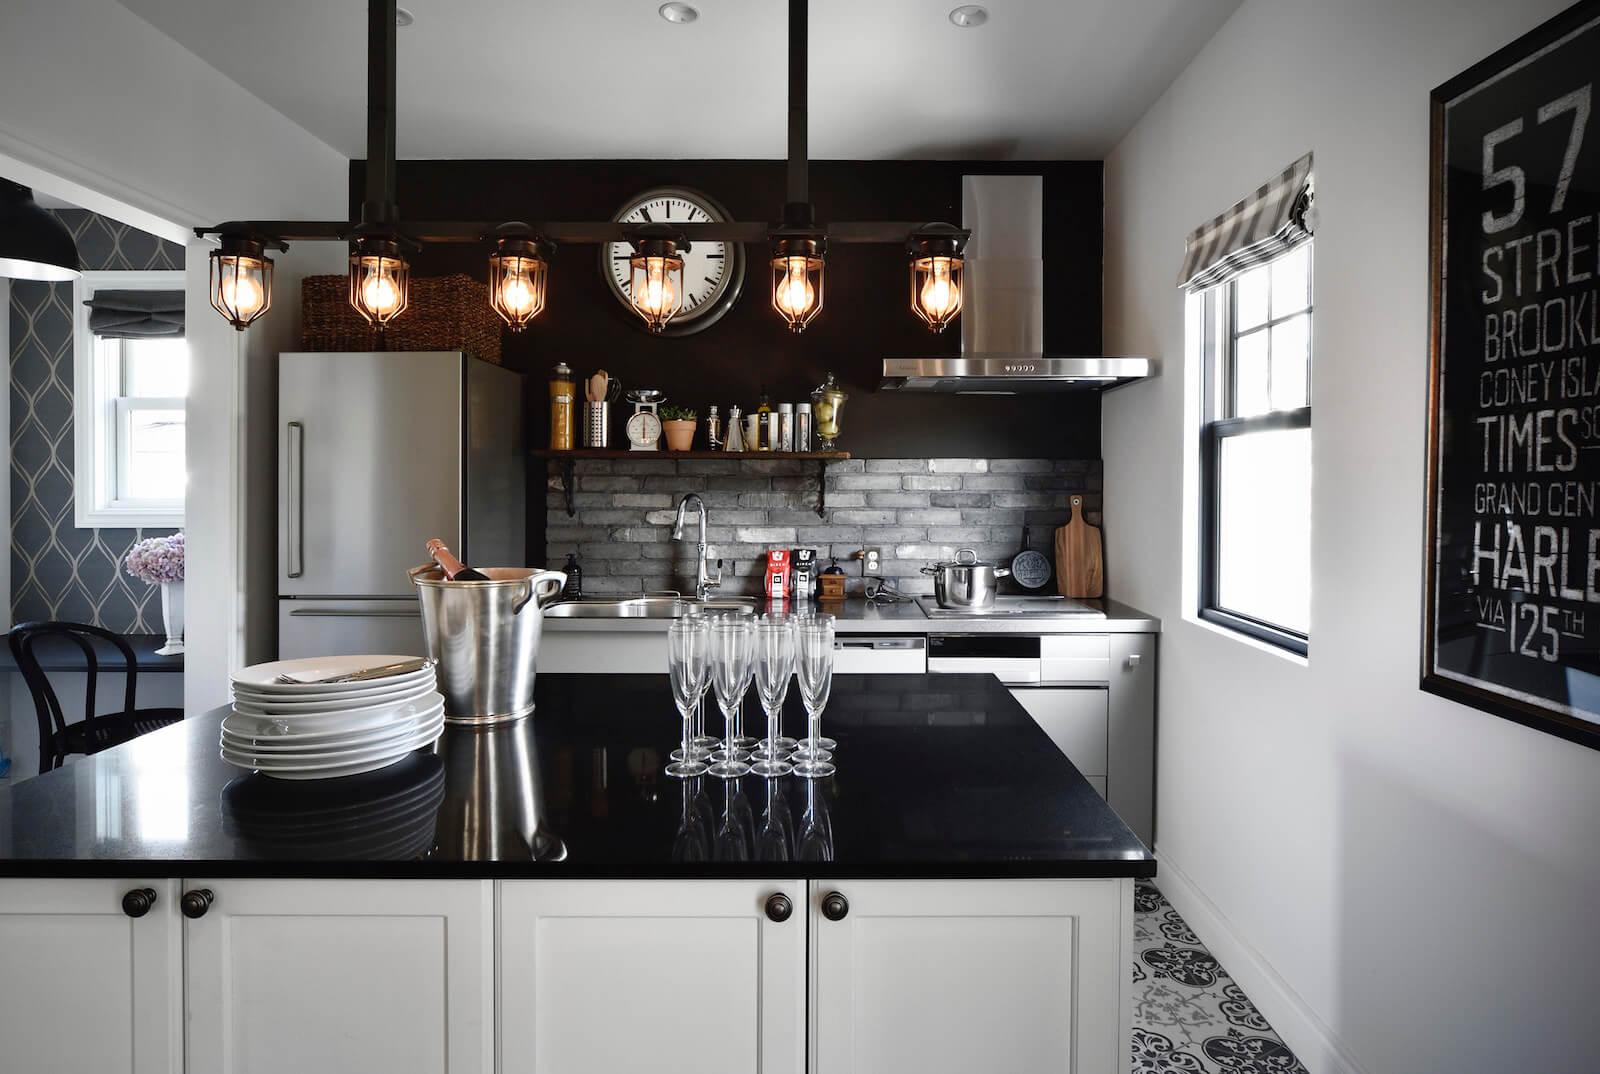 ブルックリンスタイルのビルトインガレージの輸入住宅のキッチン